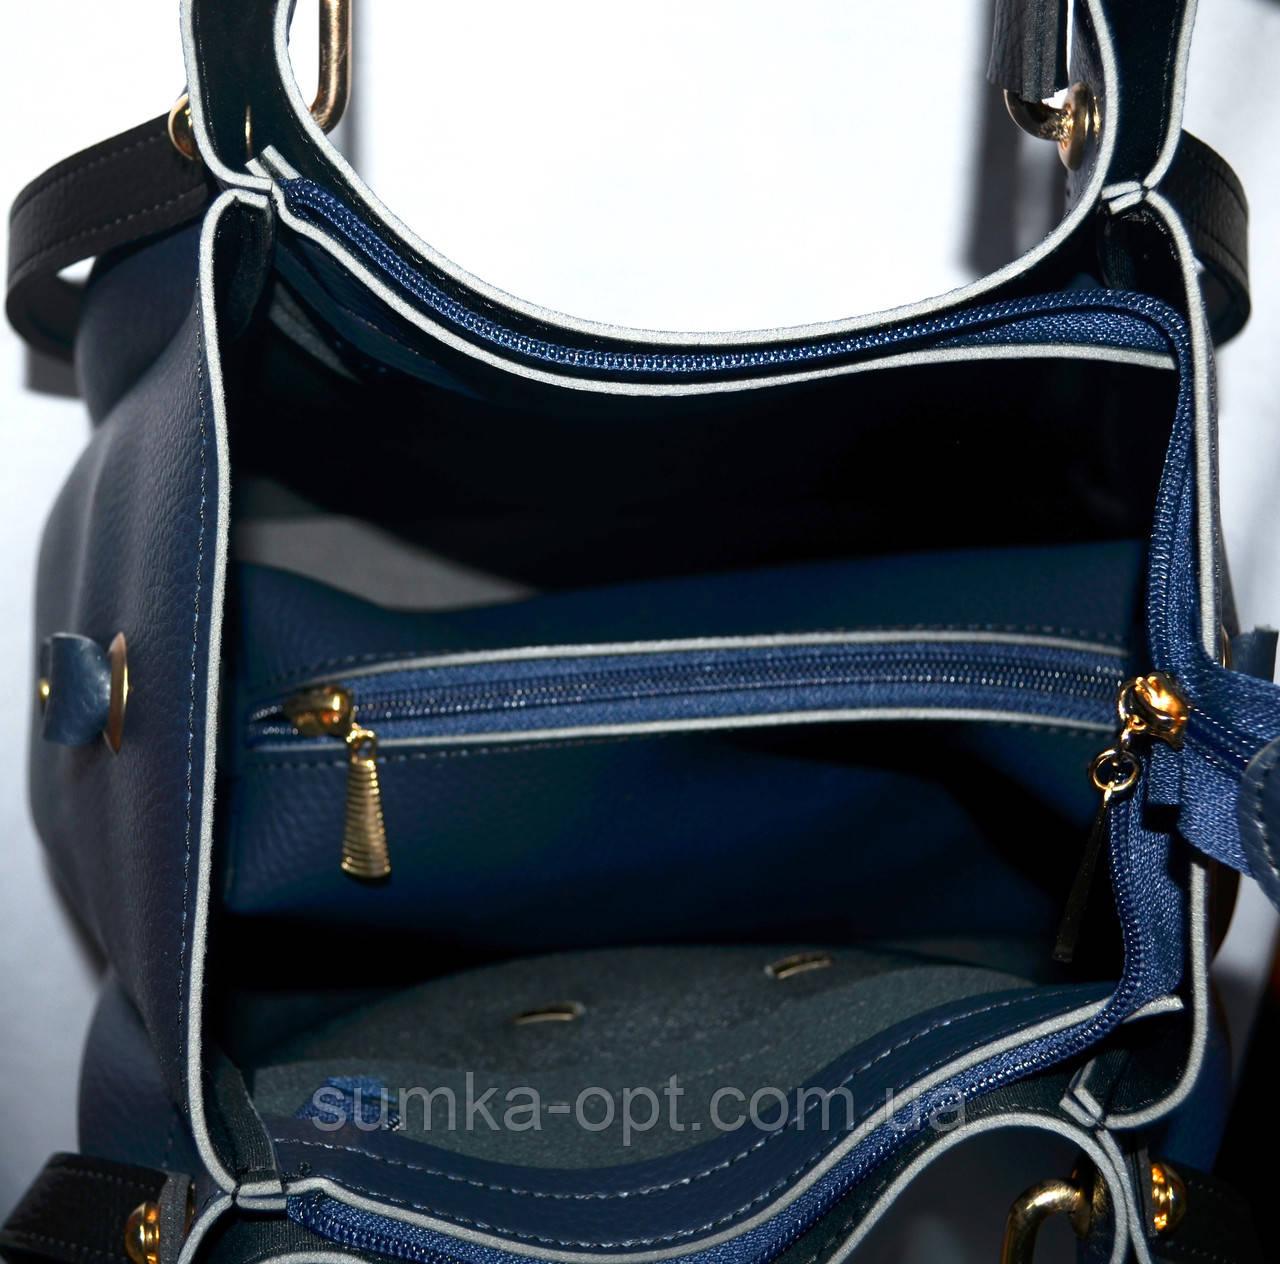 Женские сумки осень-зима +клатч 26 32 (серый)  продажа, цена в ... 783097dc8ef